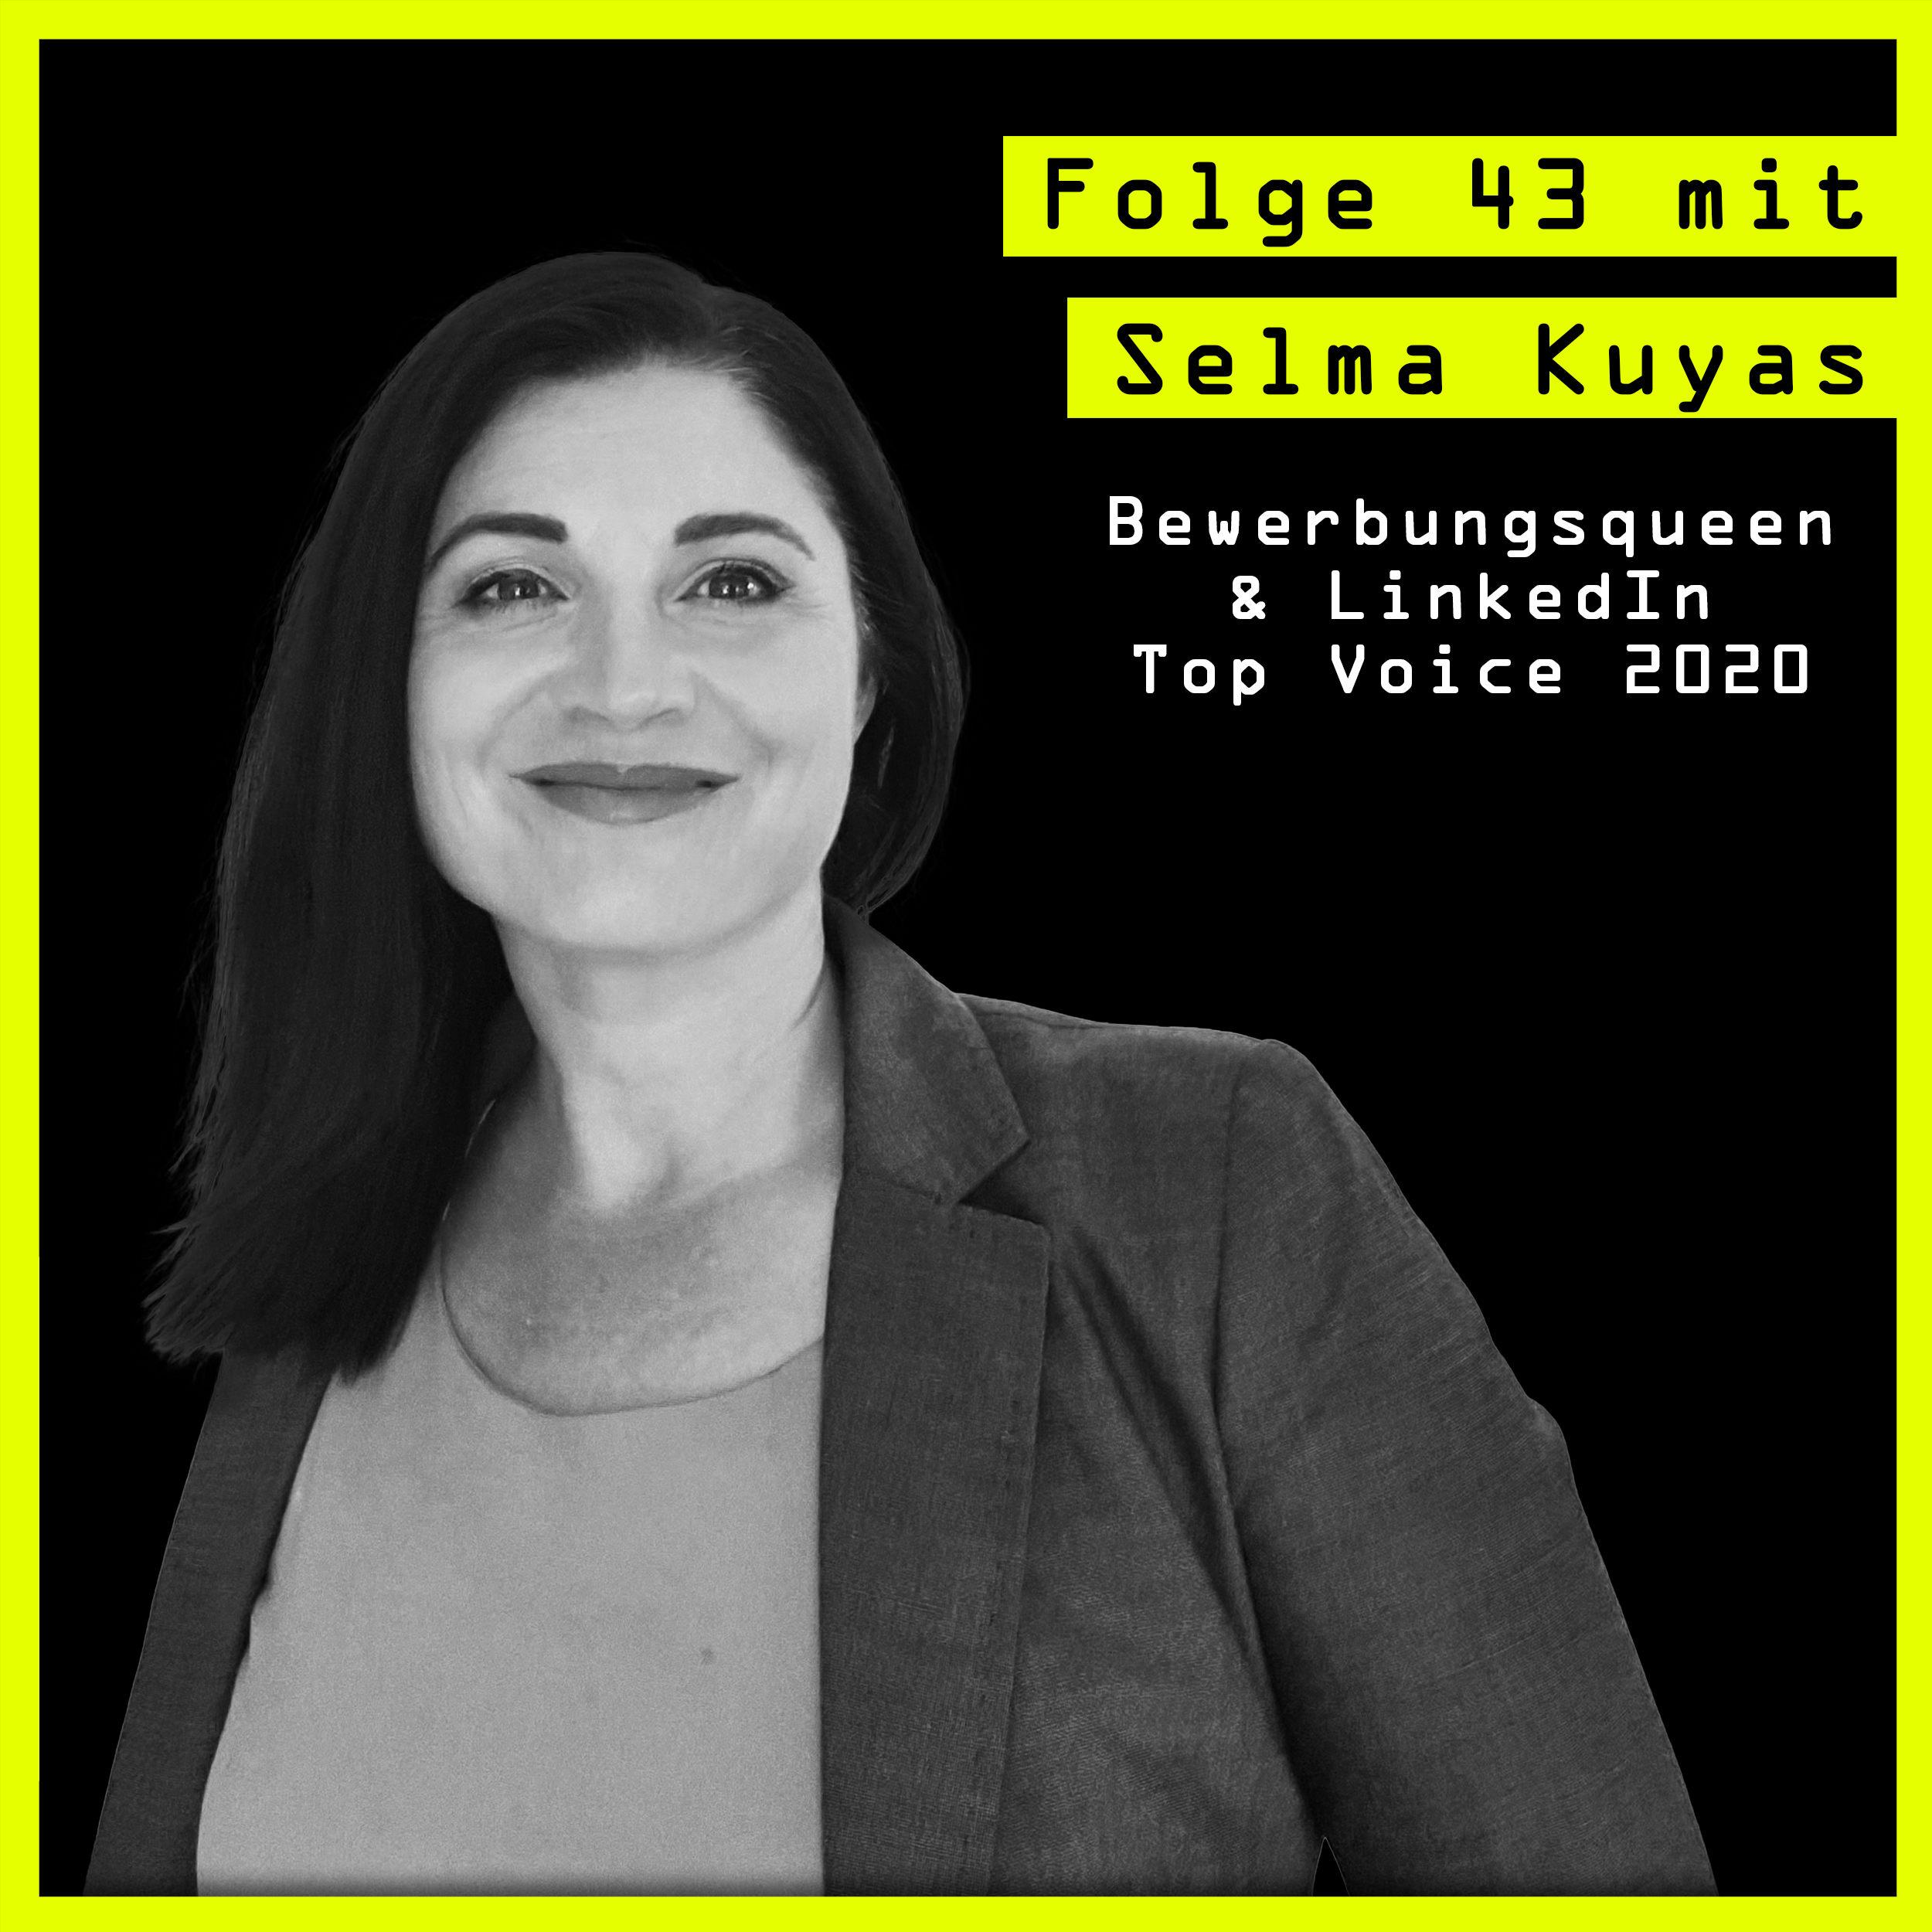 #43 mit Selma Kuyas (Bewerbungsqueen & LinkedIn Top Voice): über Selbstmarketing, Zielgruppen und Pippi Langstrumpf